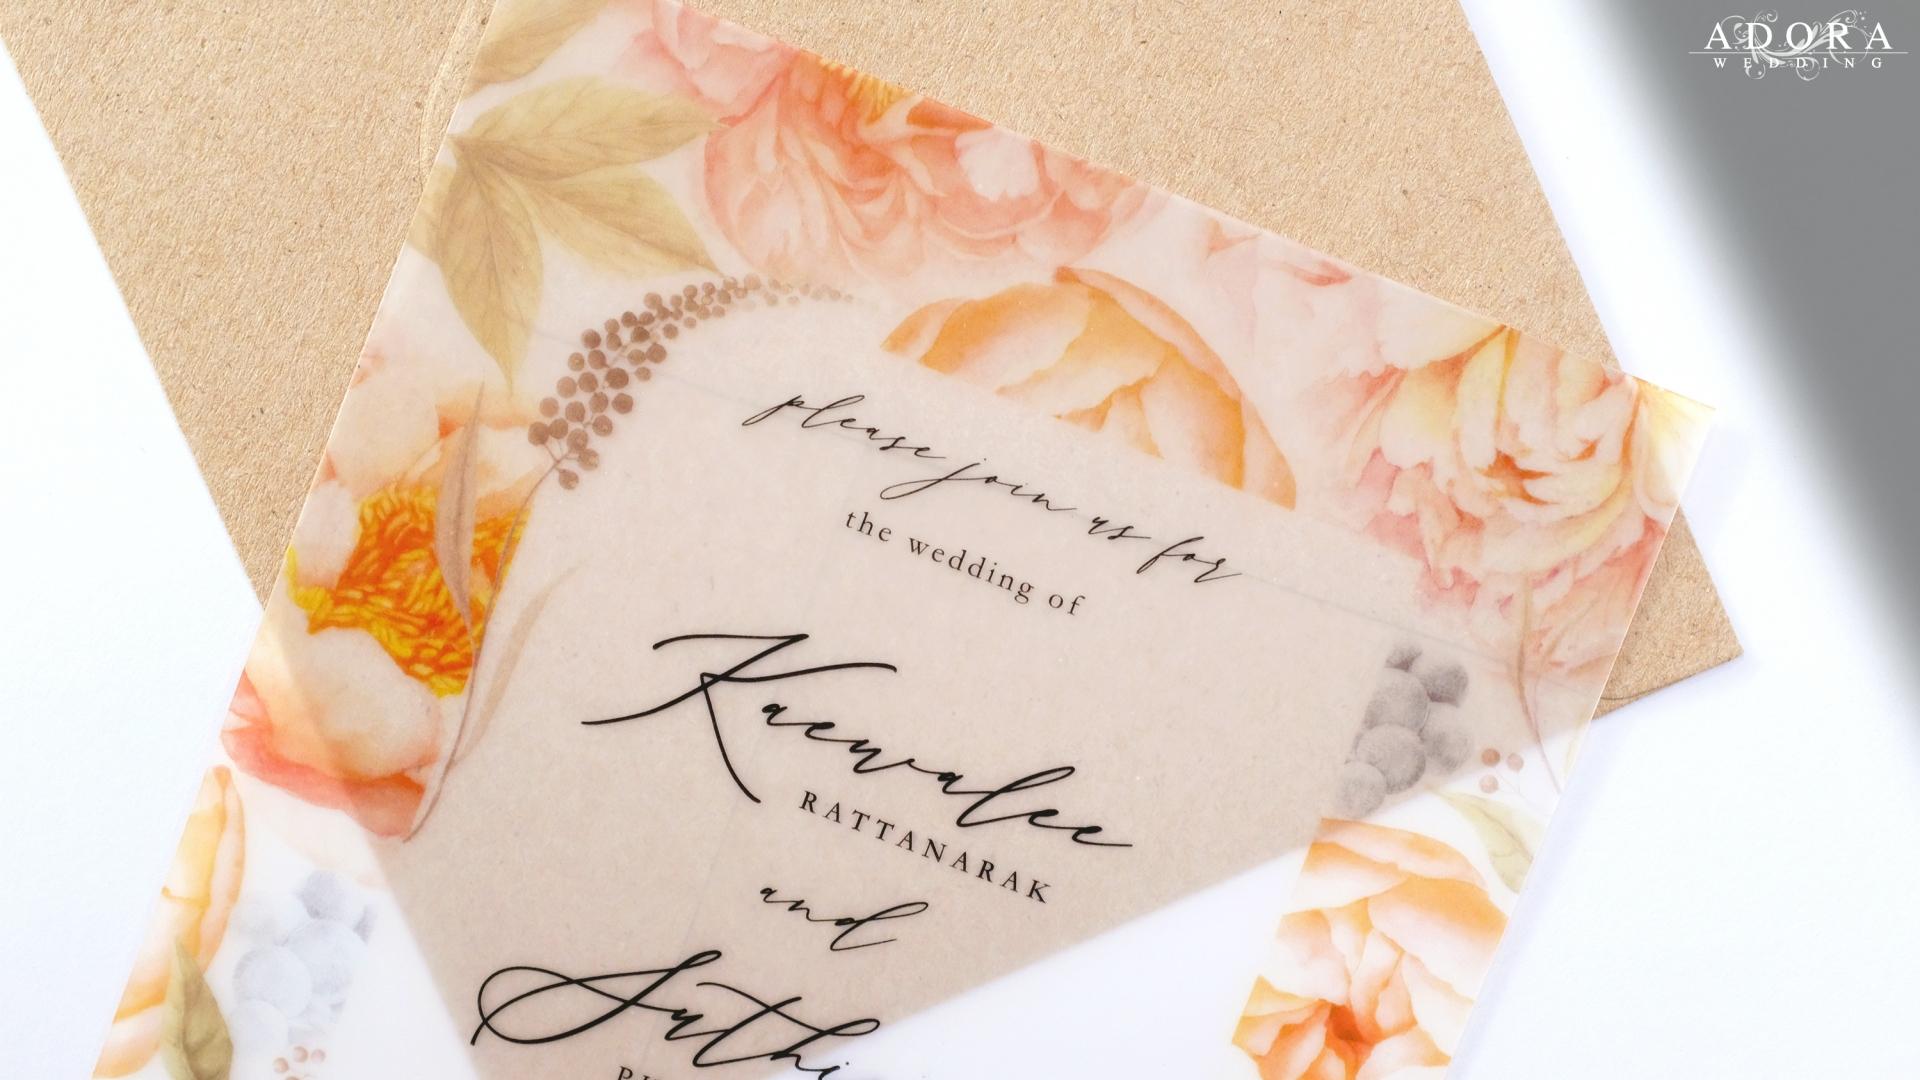 B189LM-wedding-card-1